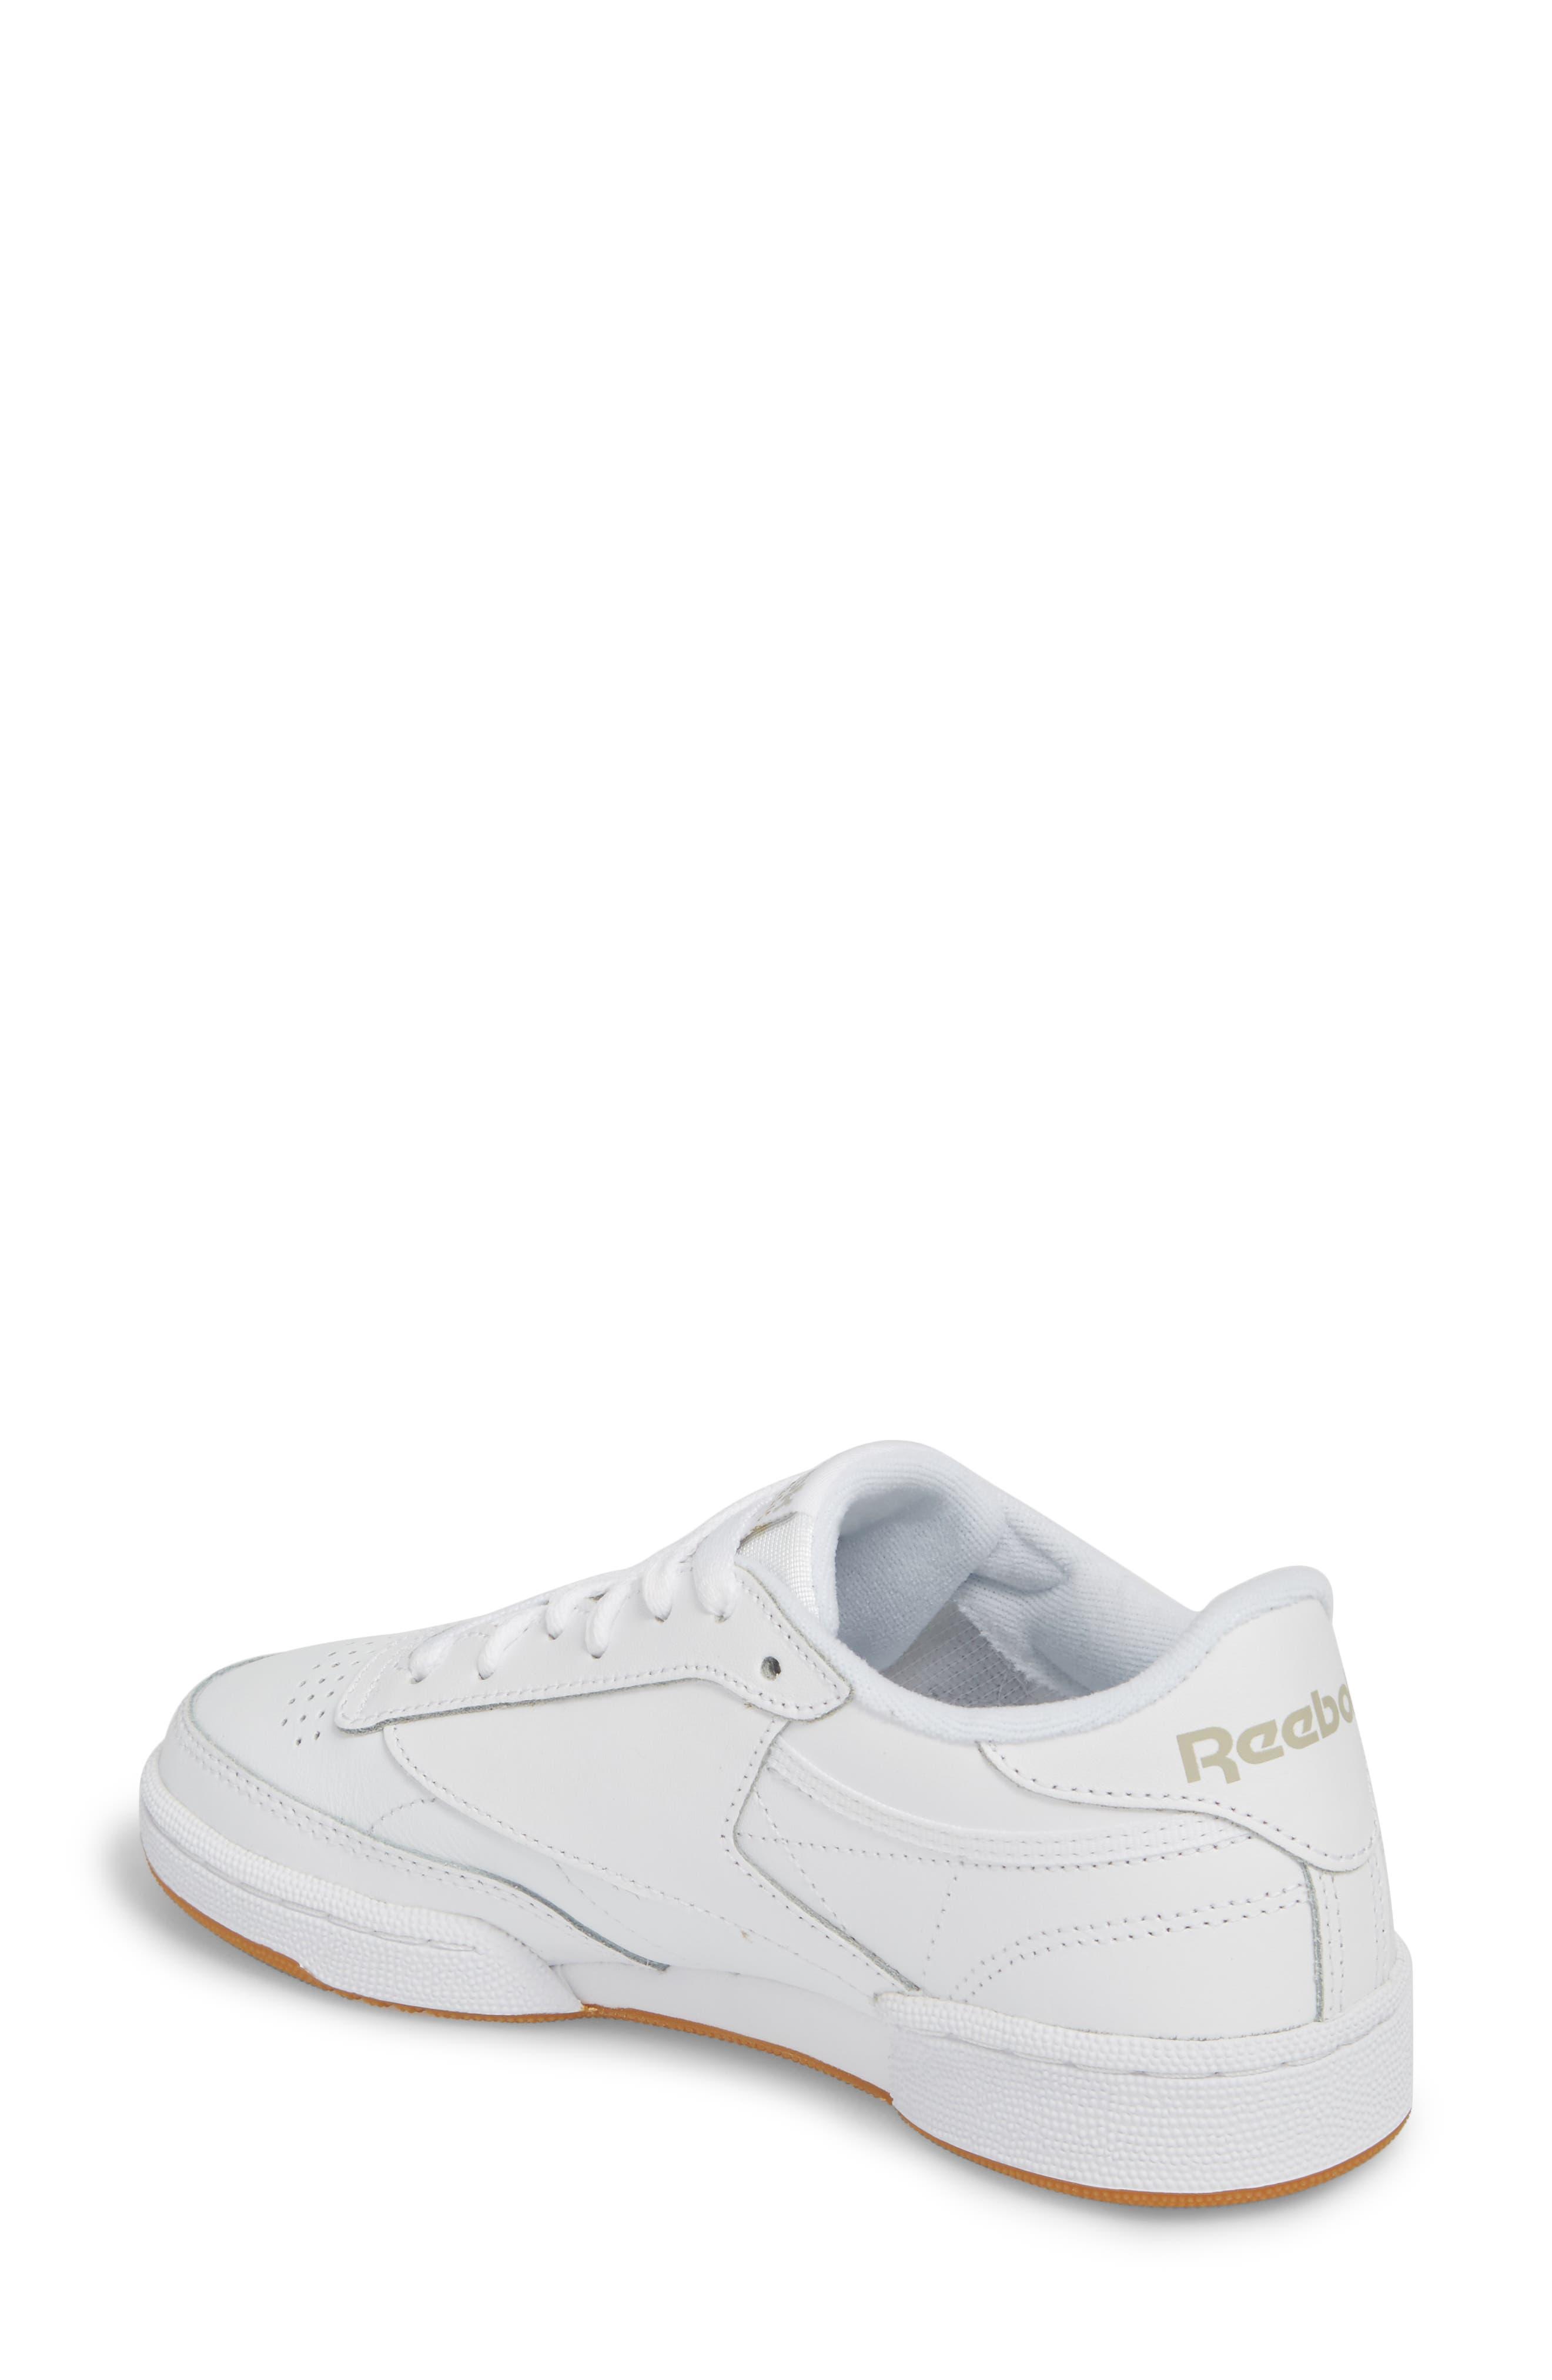 Club C 85 Sneaker,                             Alternate thumbnail 2, color,                             WHITE/ LIGHT GREY/ GUM